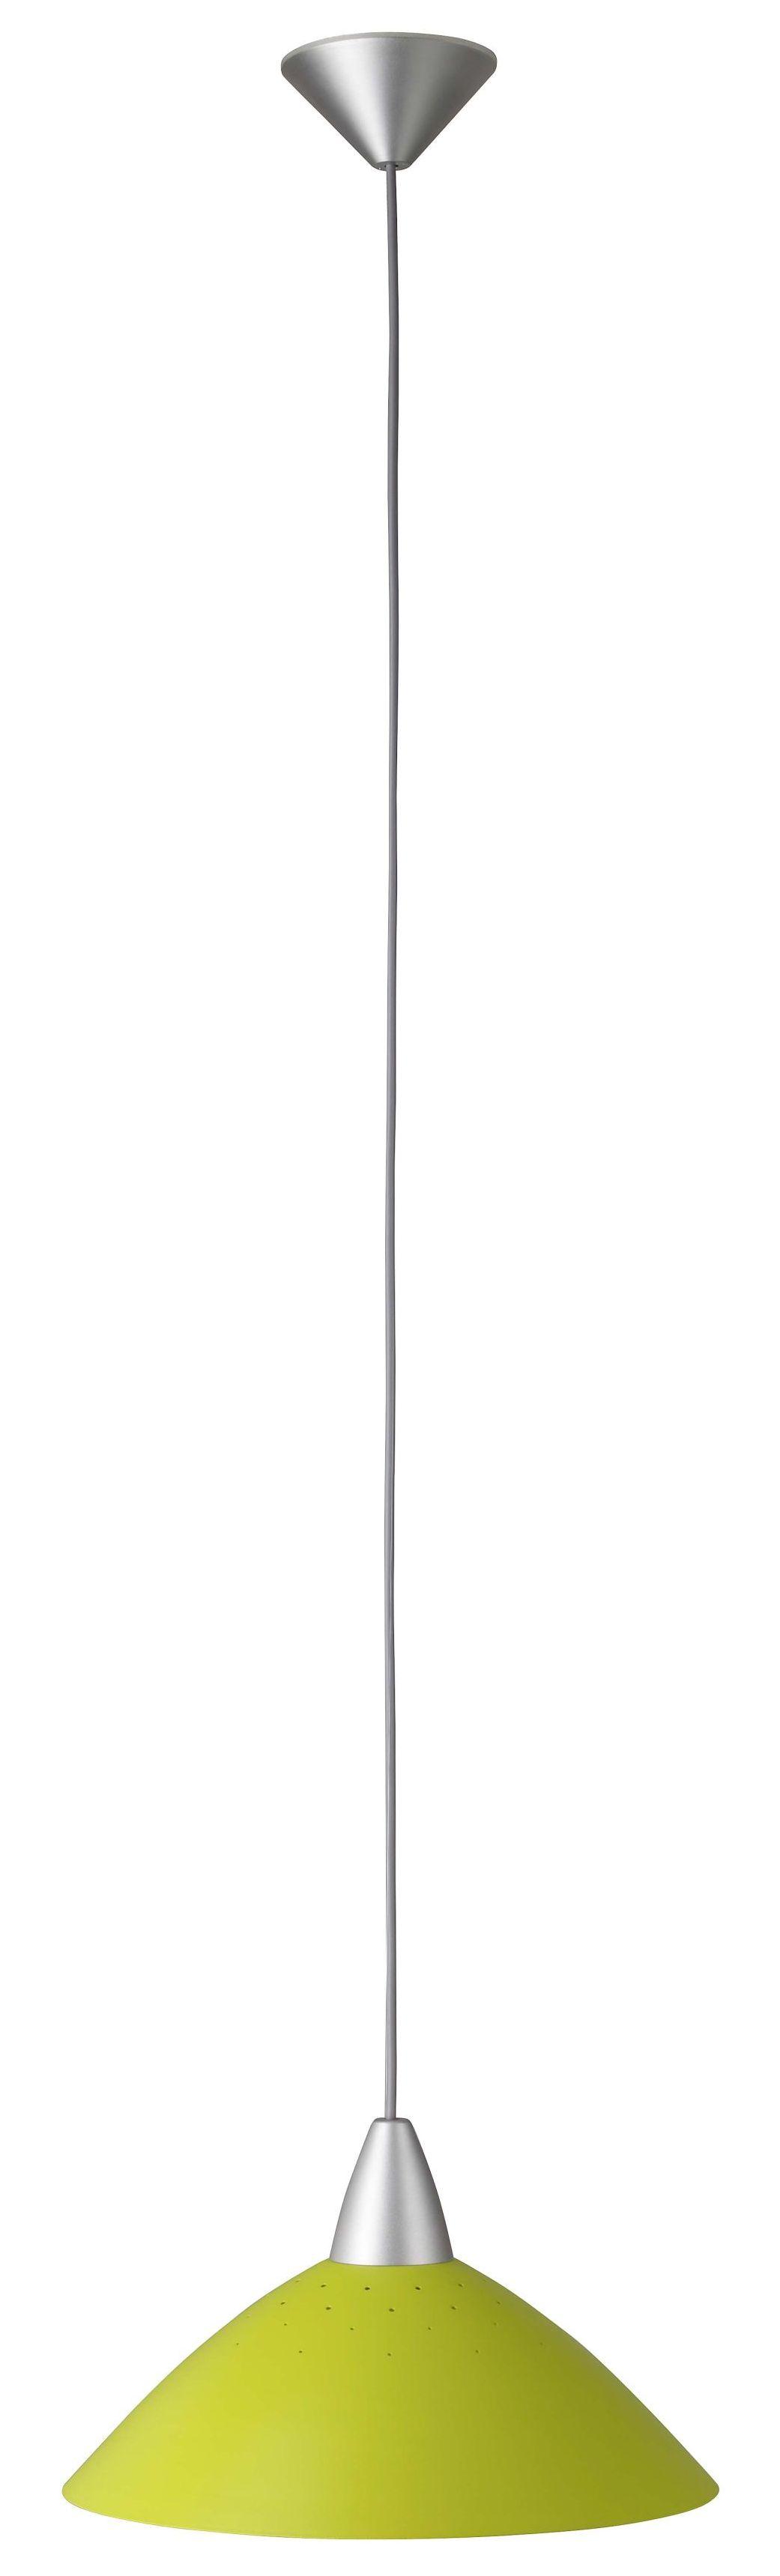 LOGO Zielona lampa wisząca